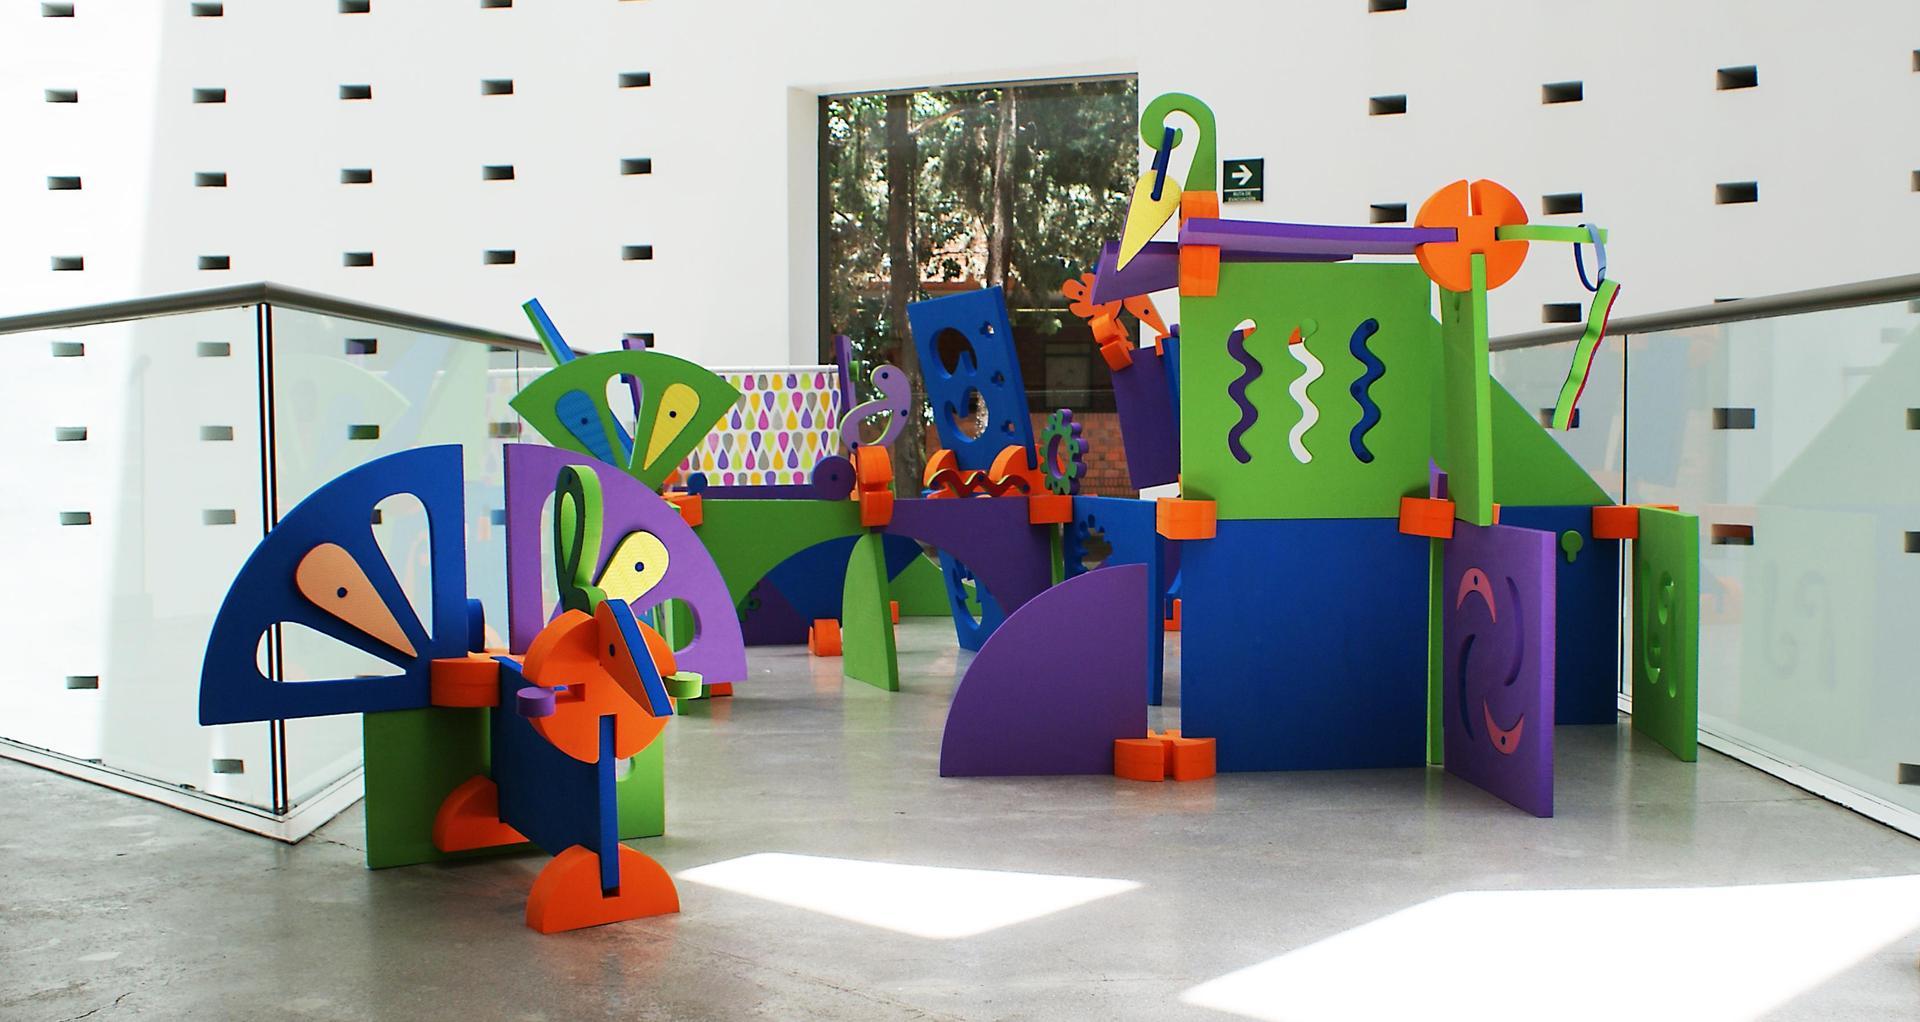 Diseño de espacios juegos y juguetes